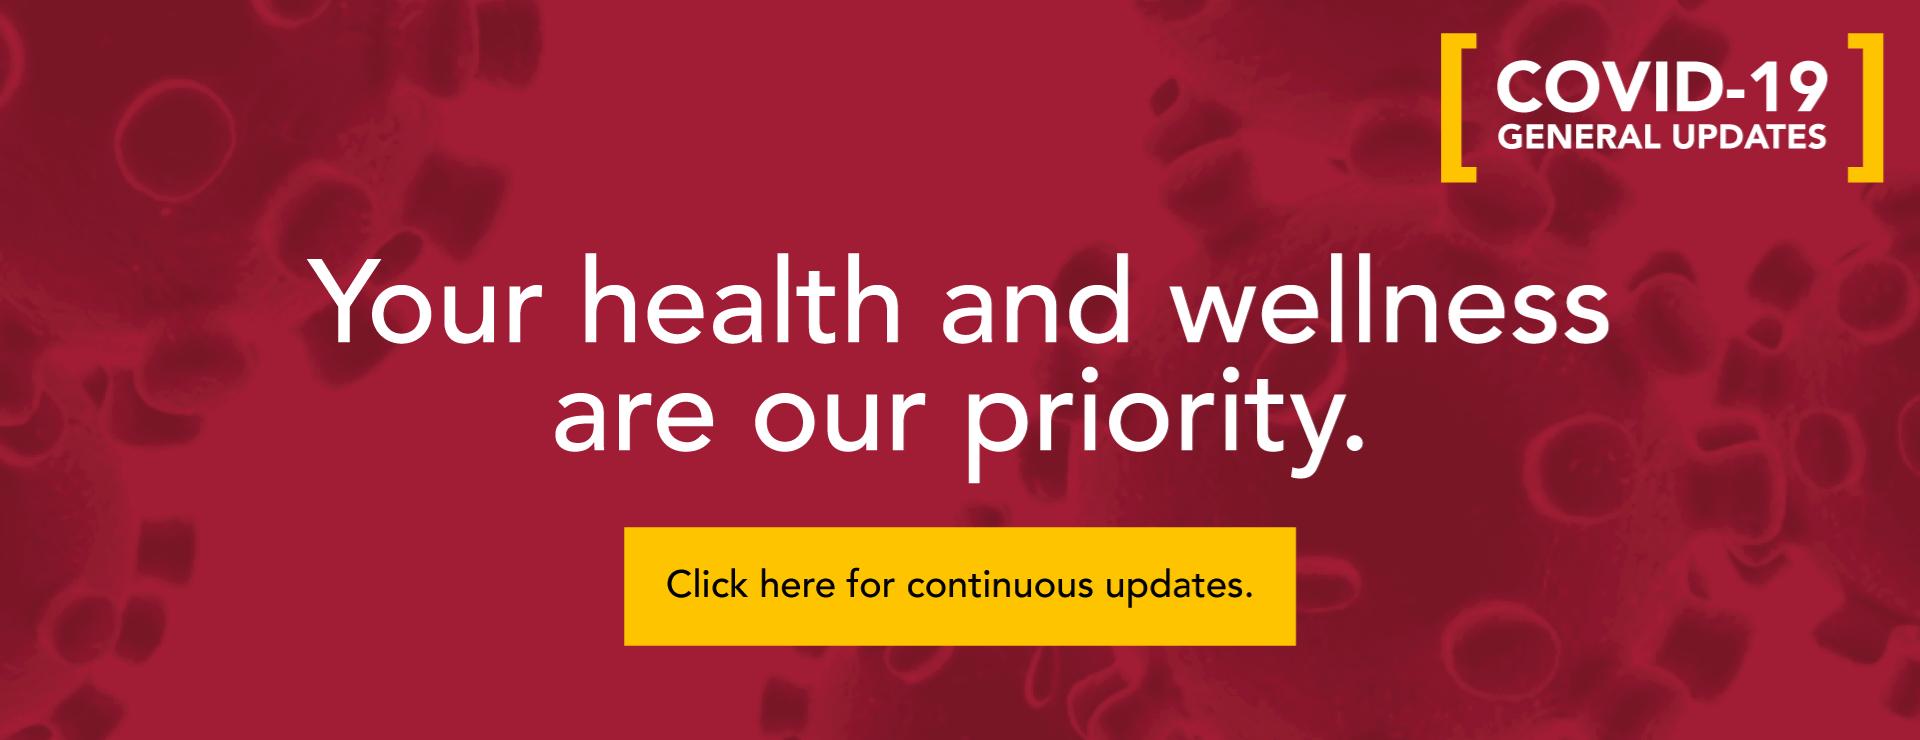 March 2020 - Coronavirus